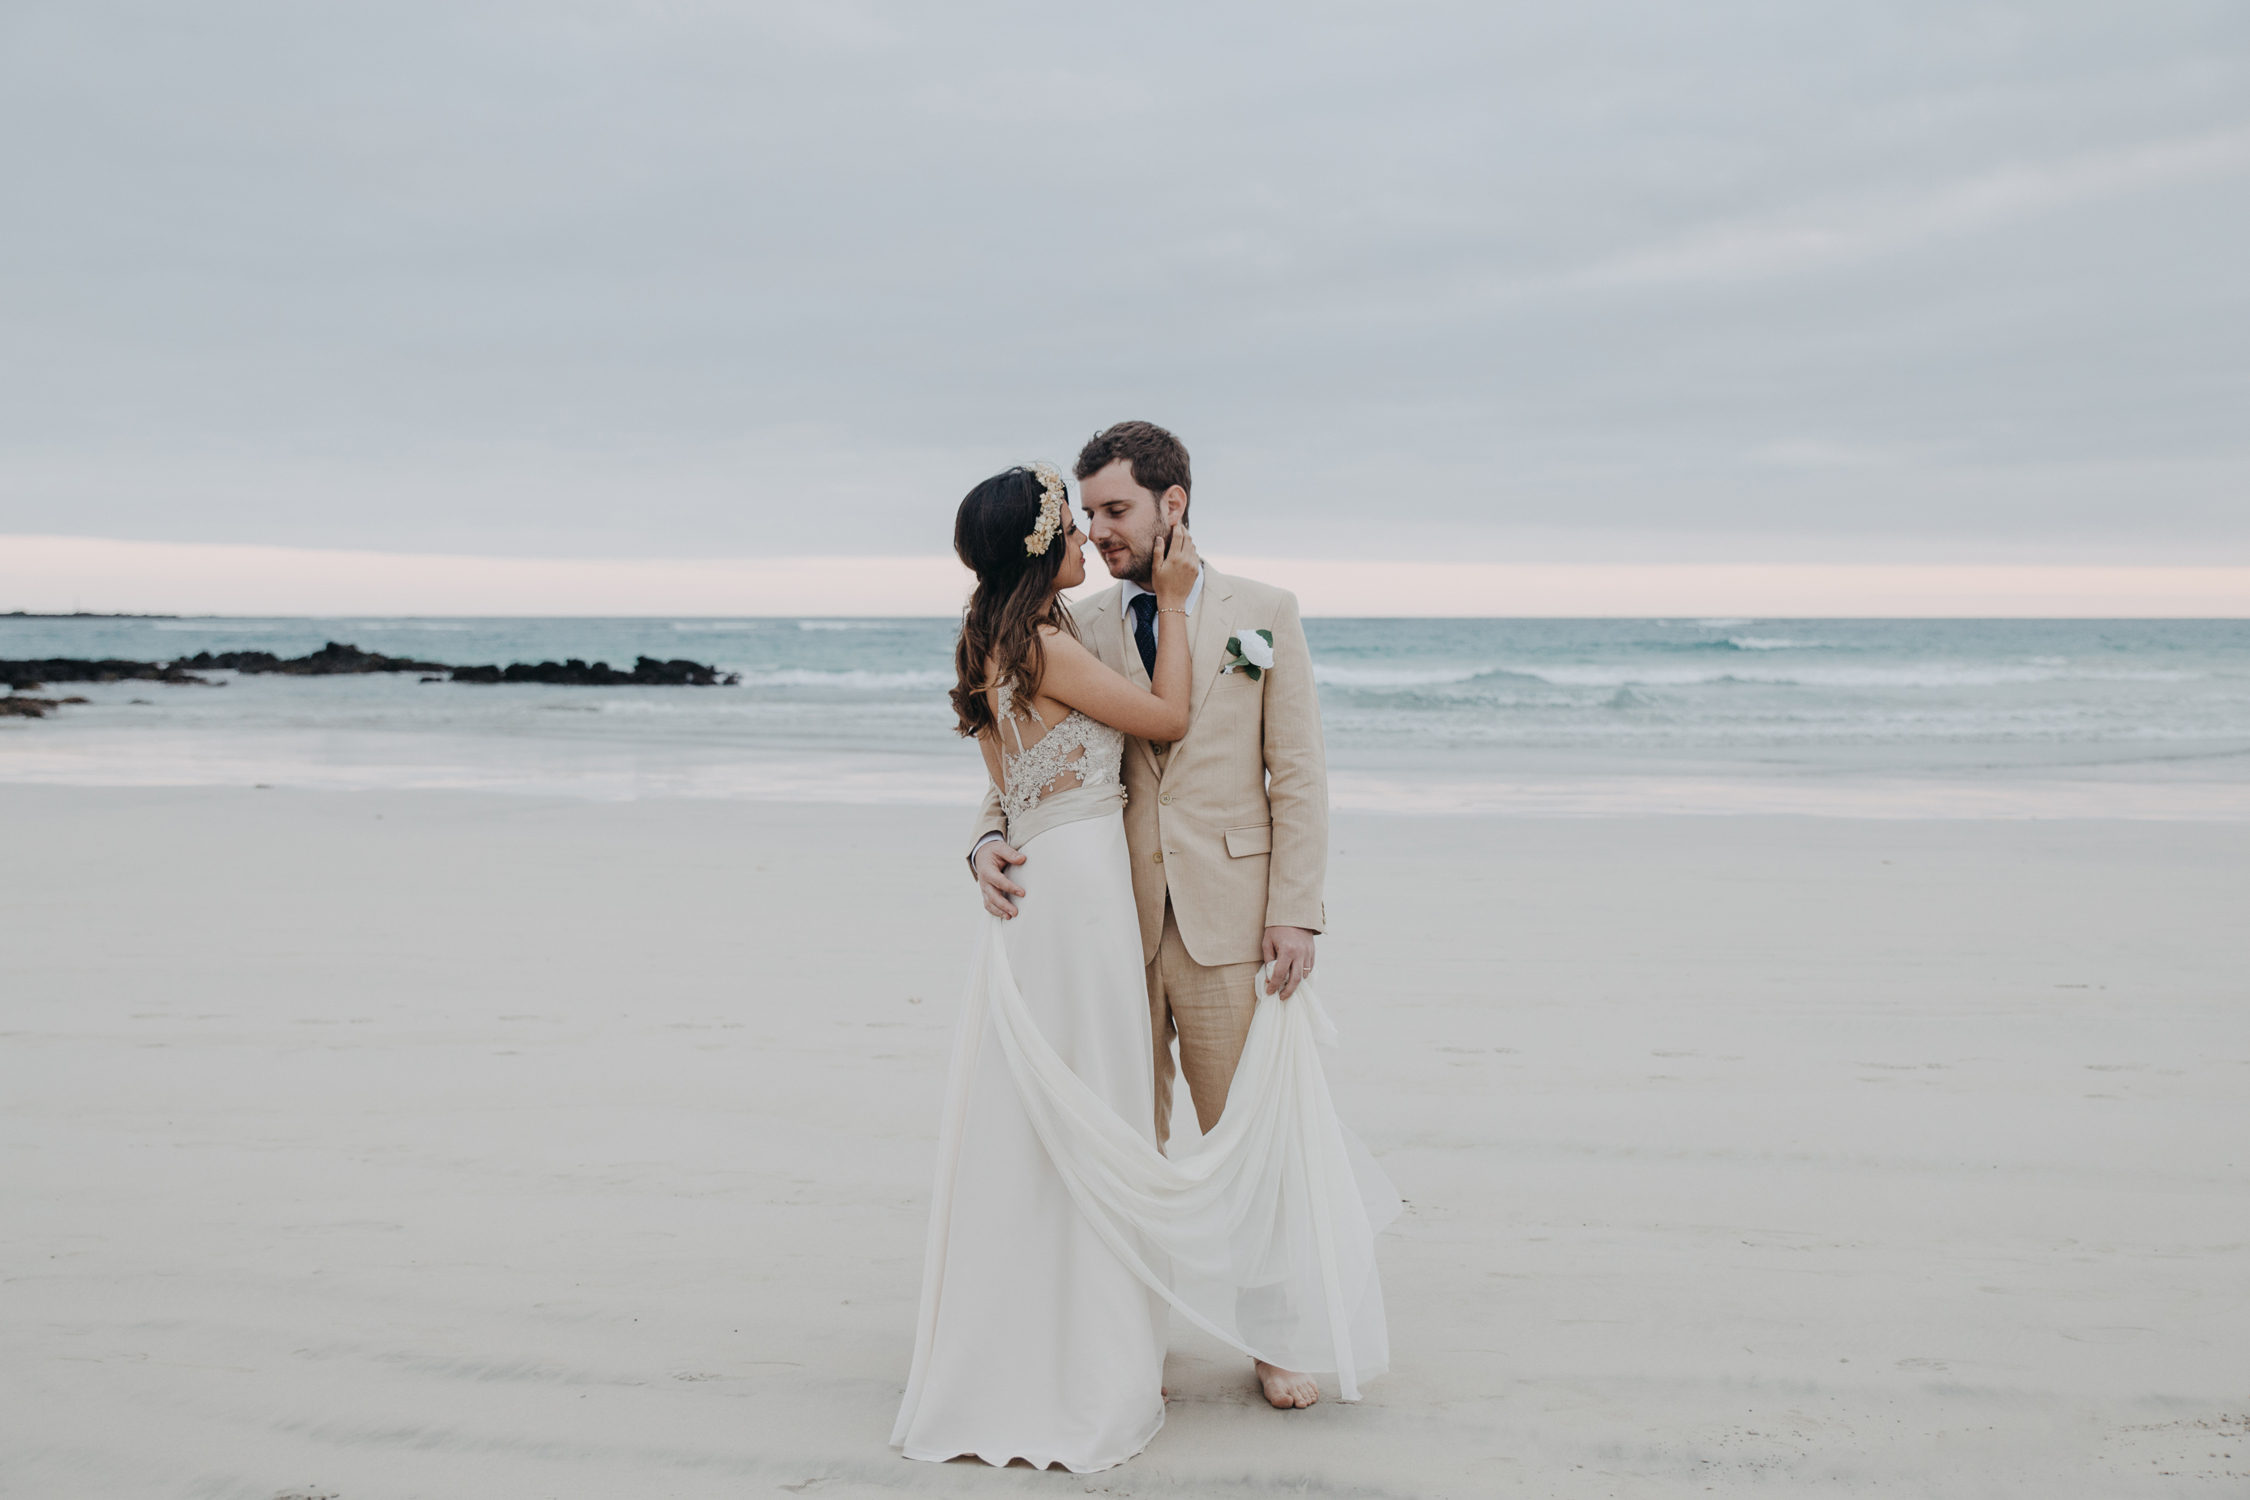 Michelle-Agurto-Fotografia-Bodas-Ecuador-Destination-Wedding-Photographer-Galapagos-Andrea-Joaquin-189.JPG